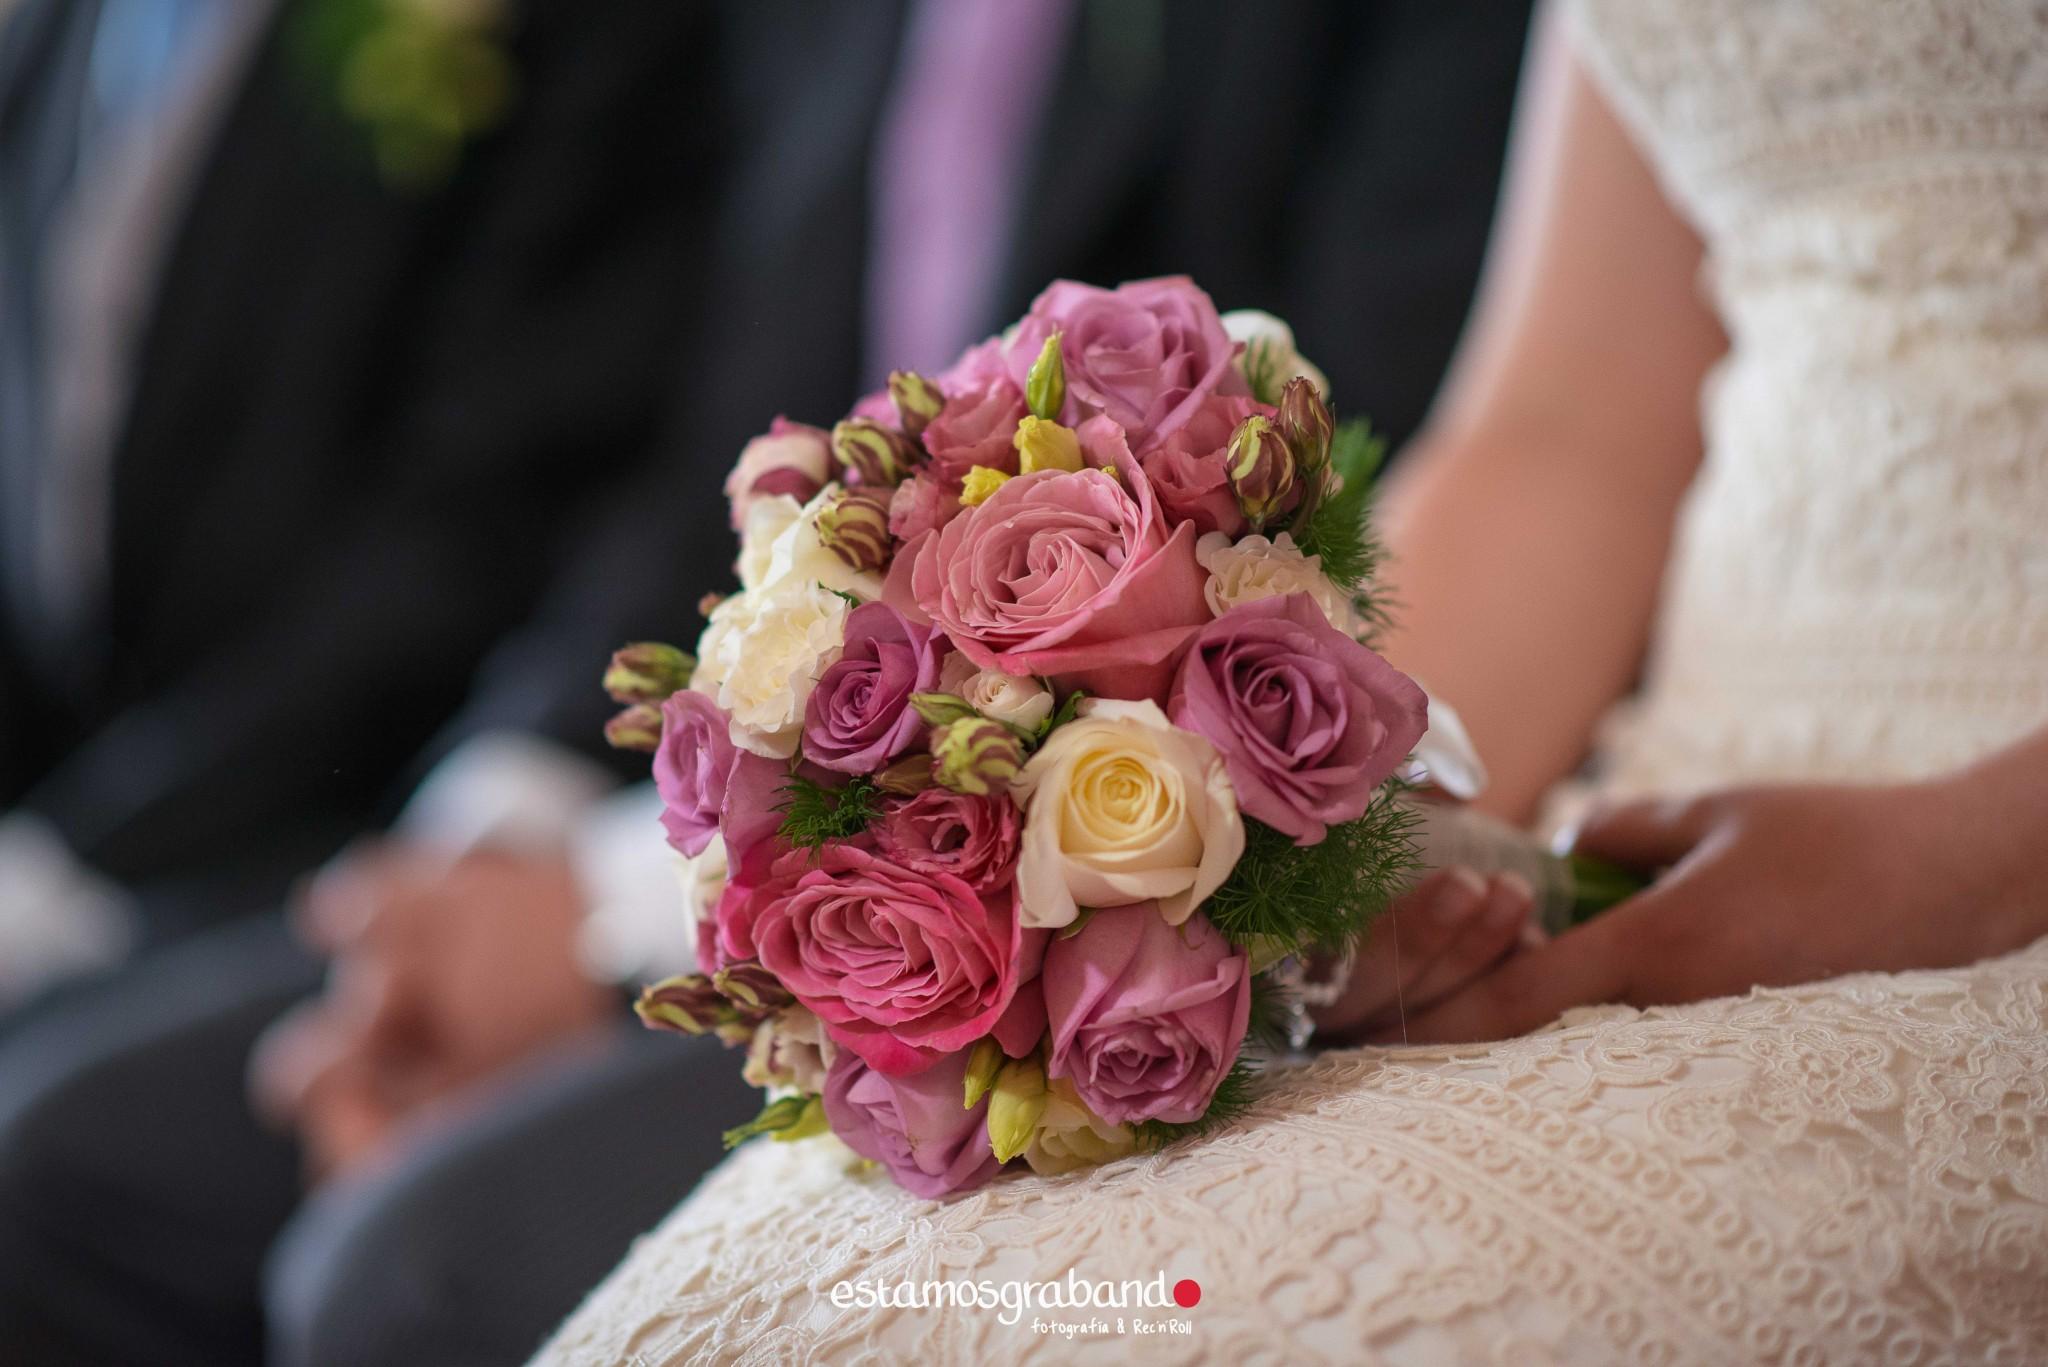 boda-en-chiclana_sonia-y-diego_fotograficc81a-de-boda-40 Zahara Sonia + Diego [Fotografía de Boda en Zahara] - video boda cadiz